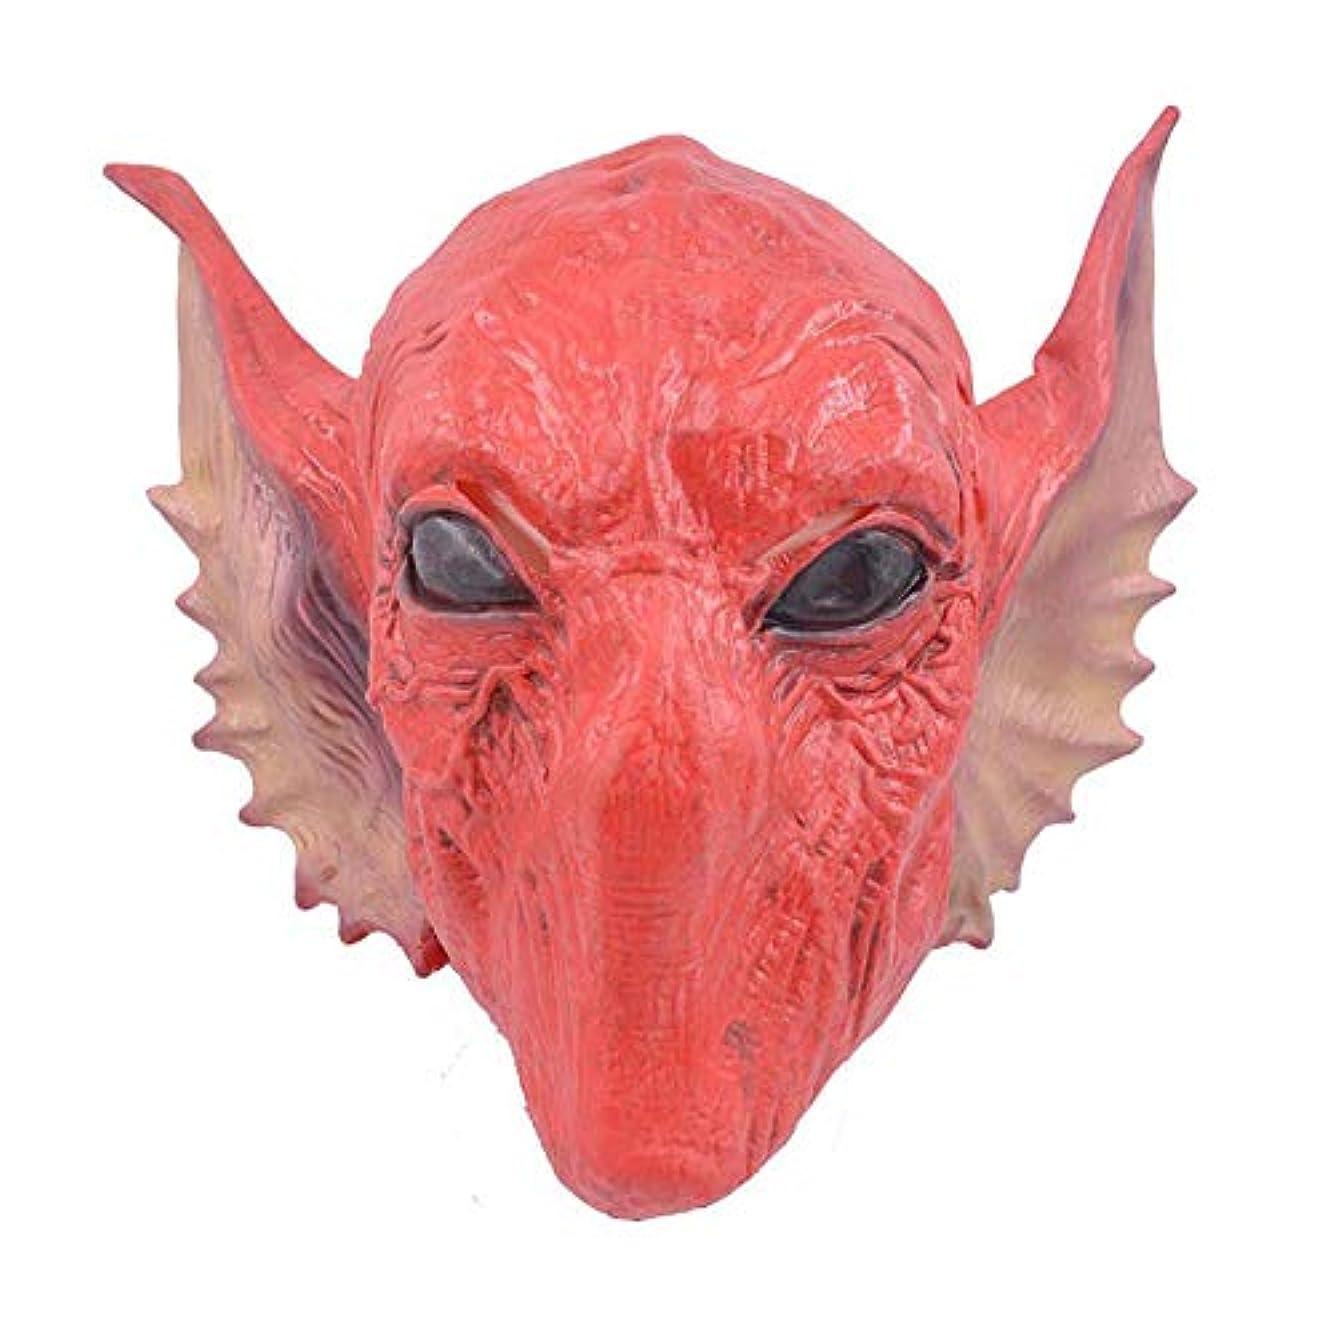 膨らませる危機社会学ハロウィーンマスク新しい赤いエイリアンセットSF映画テーママスクcosホラーマスク